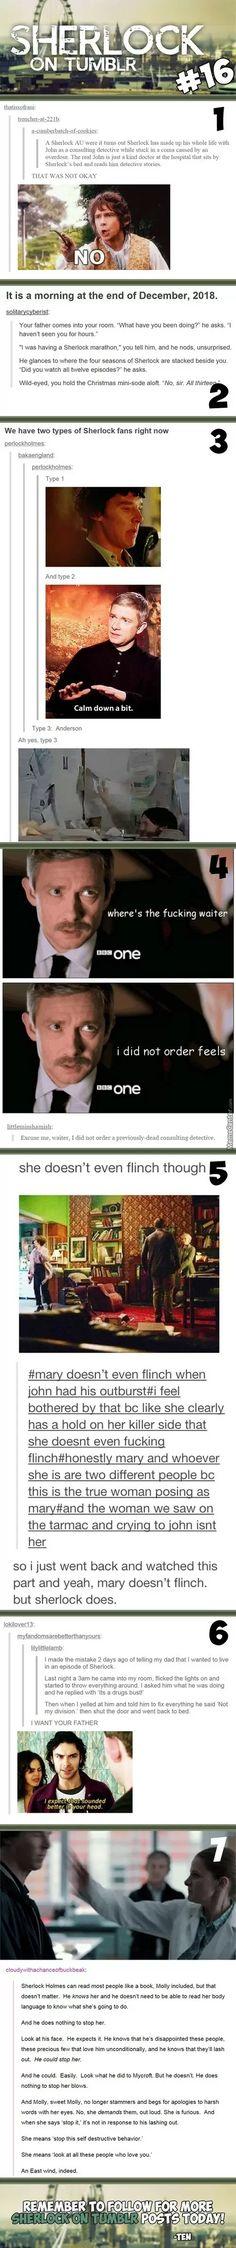 Sherlock On Tumblr #16